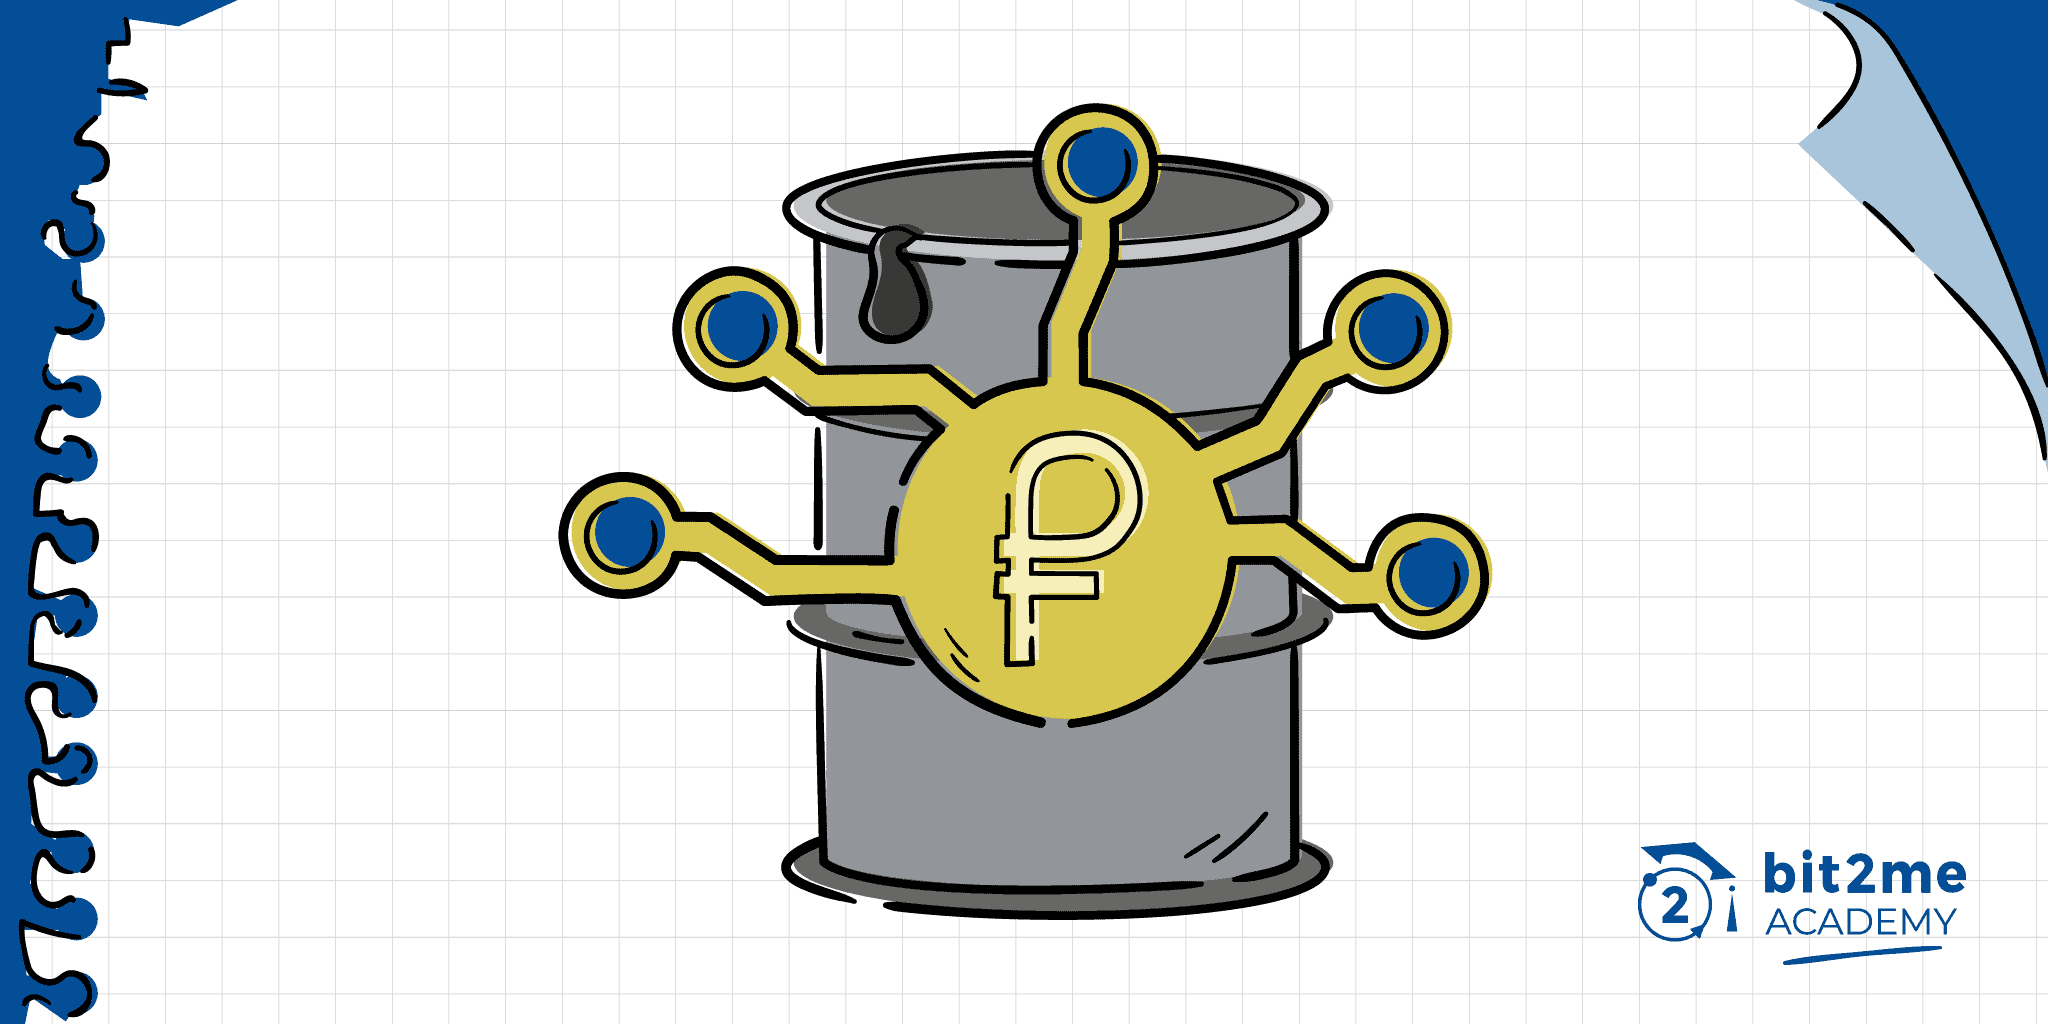 come investire in criptovaluta petro ottenere ricchi prodotti di scambio